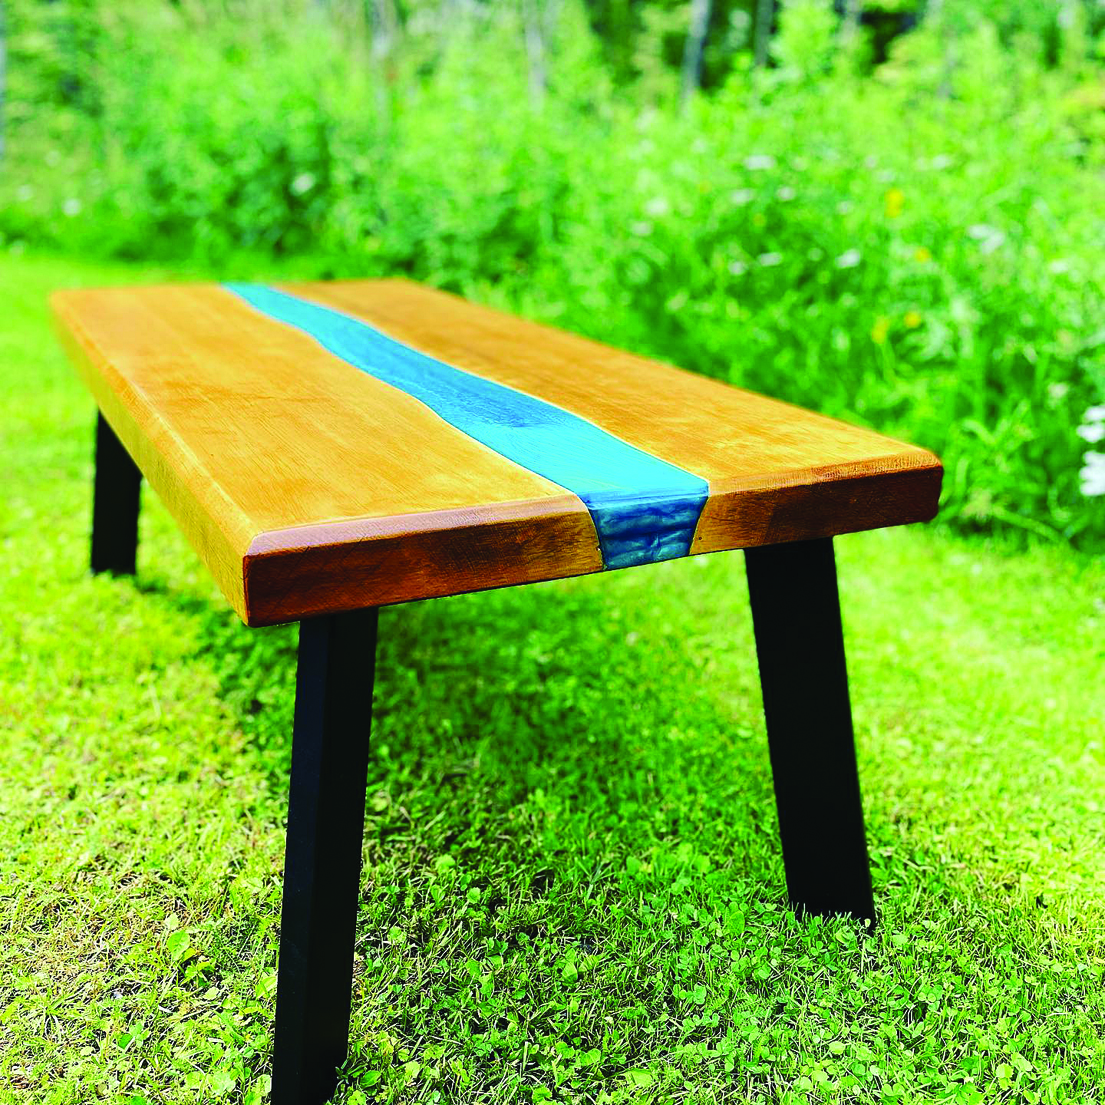 Rustic charm runs through Woodenearth designs